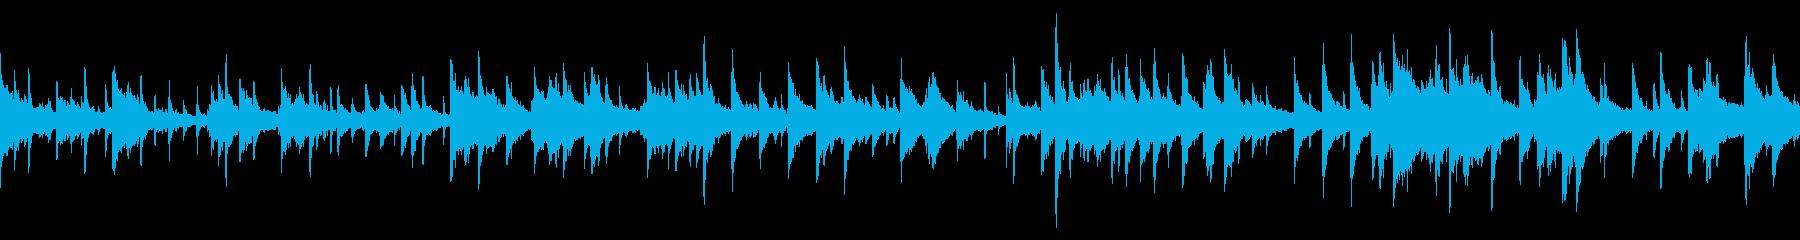 煌びやかなジャズのBGM(ループ仕様)の再生済みの波形